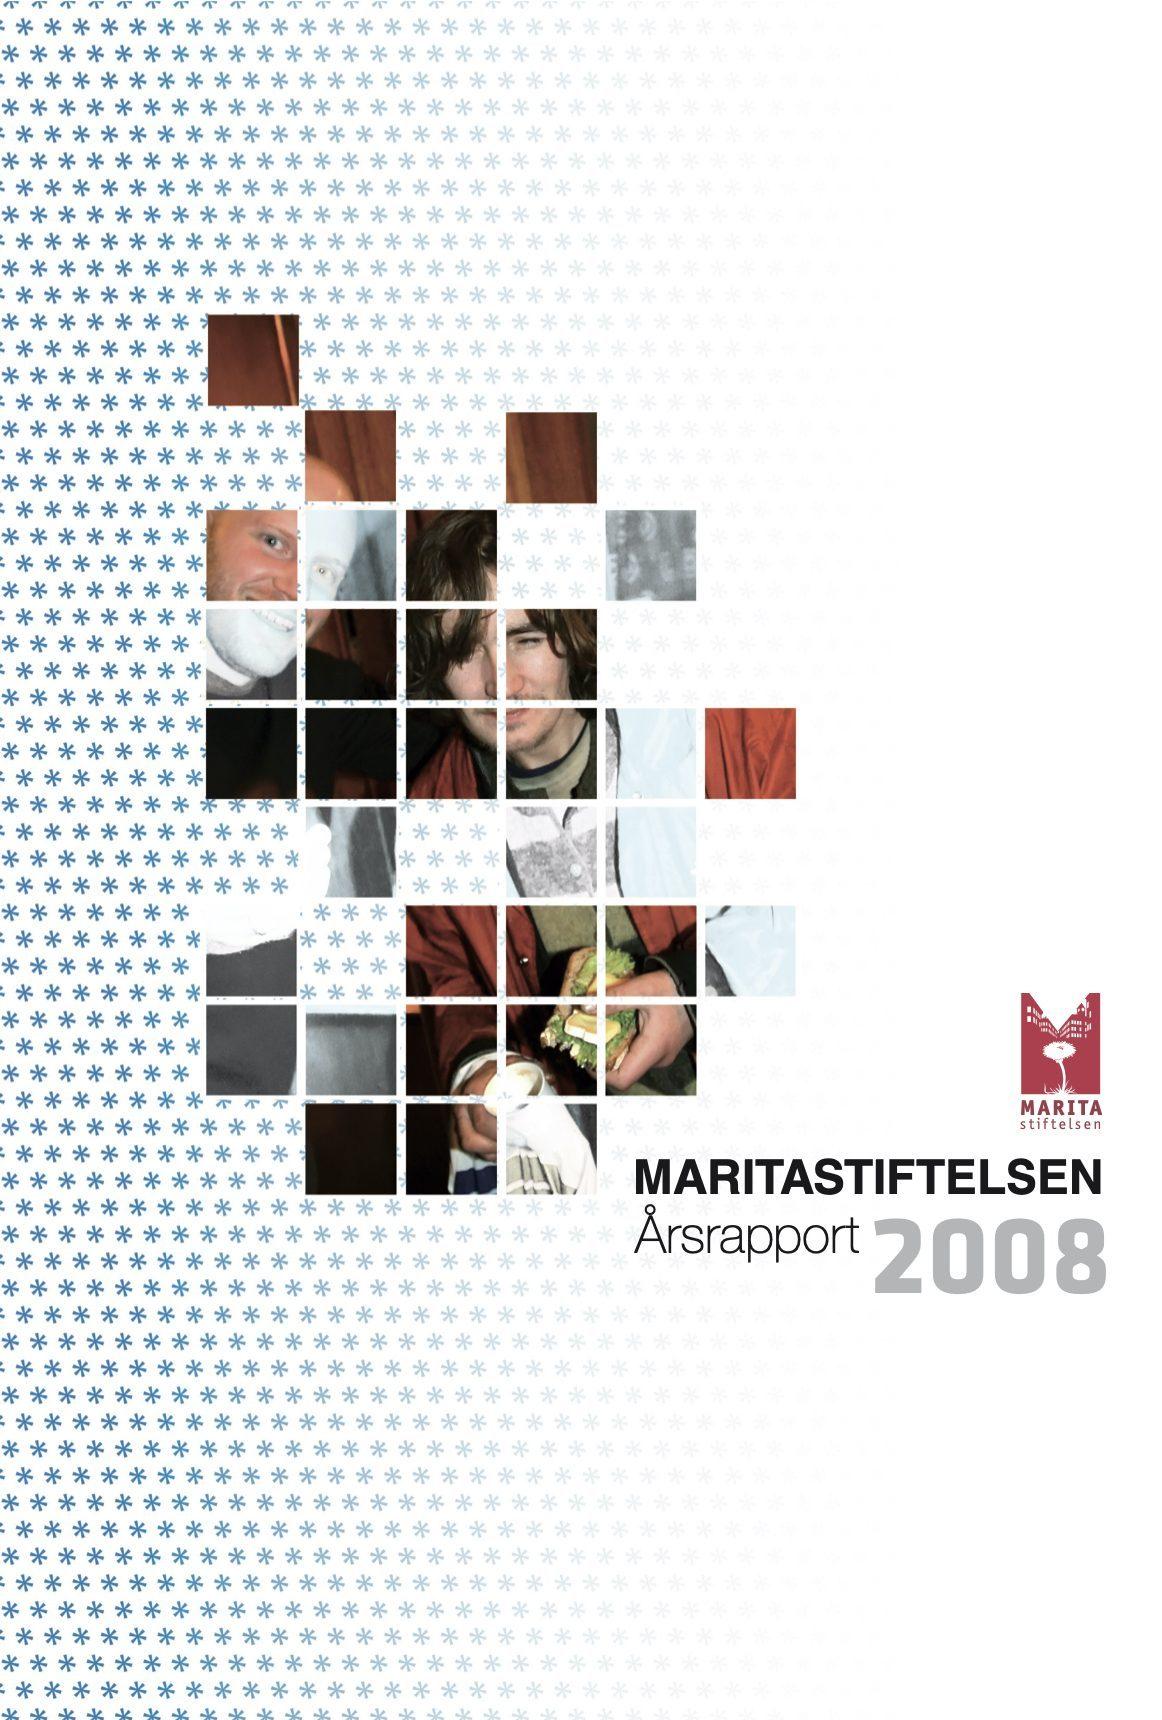 2008 Marita årsrapport